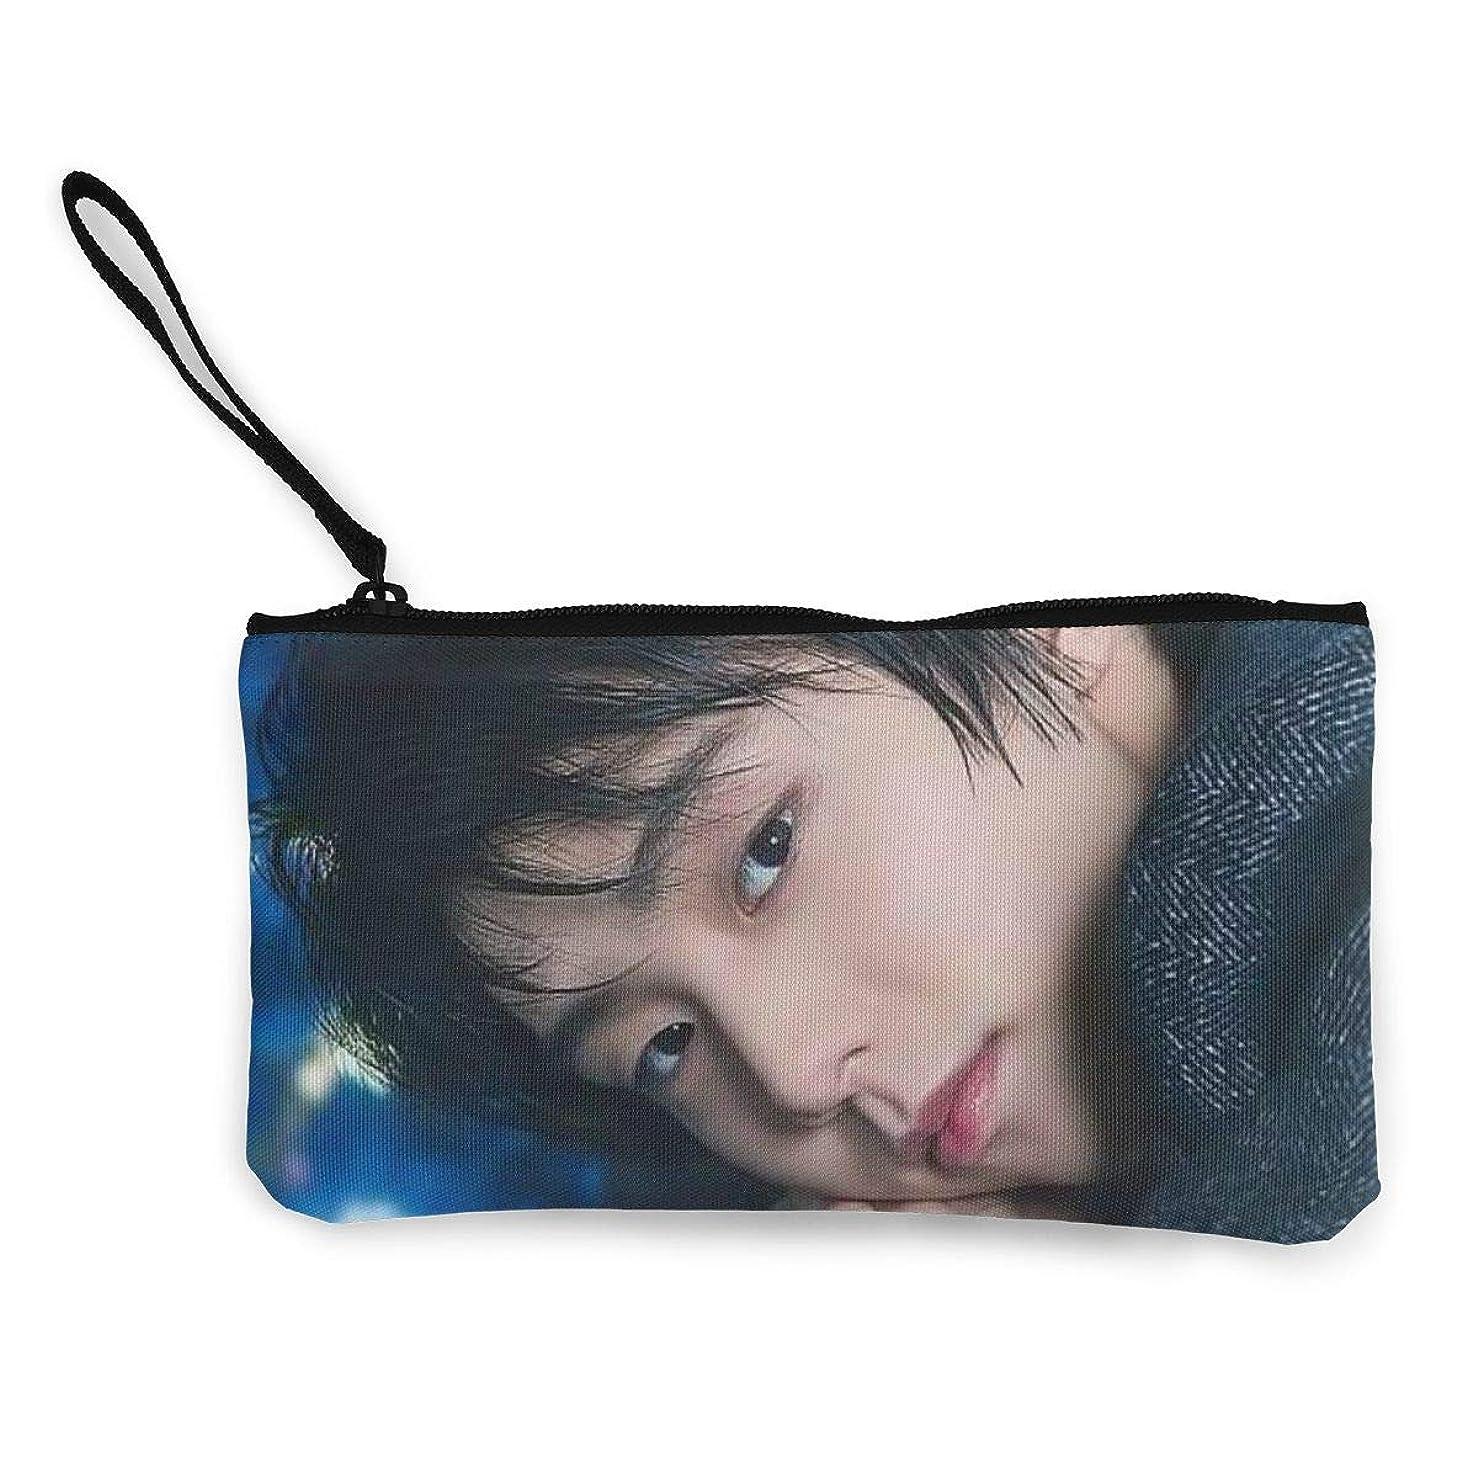 本会議第三飢えた羽生結弦 はにゅう ゆづる Yuzuru Hanyu 小銭入れ ワレット 財布 キャンバス ジッパー付きハンド 大容量